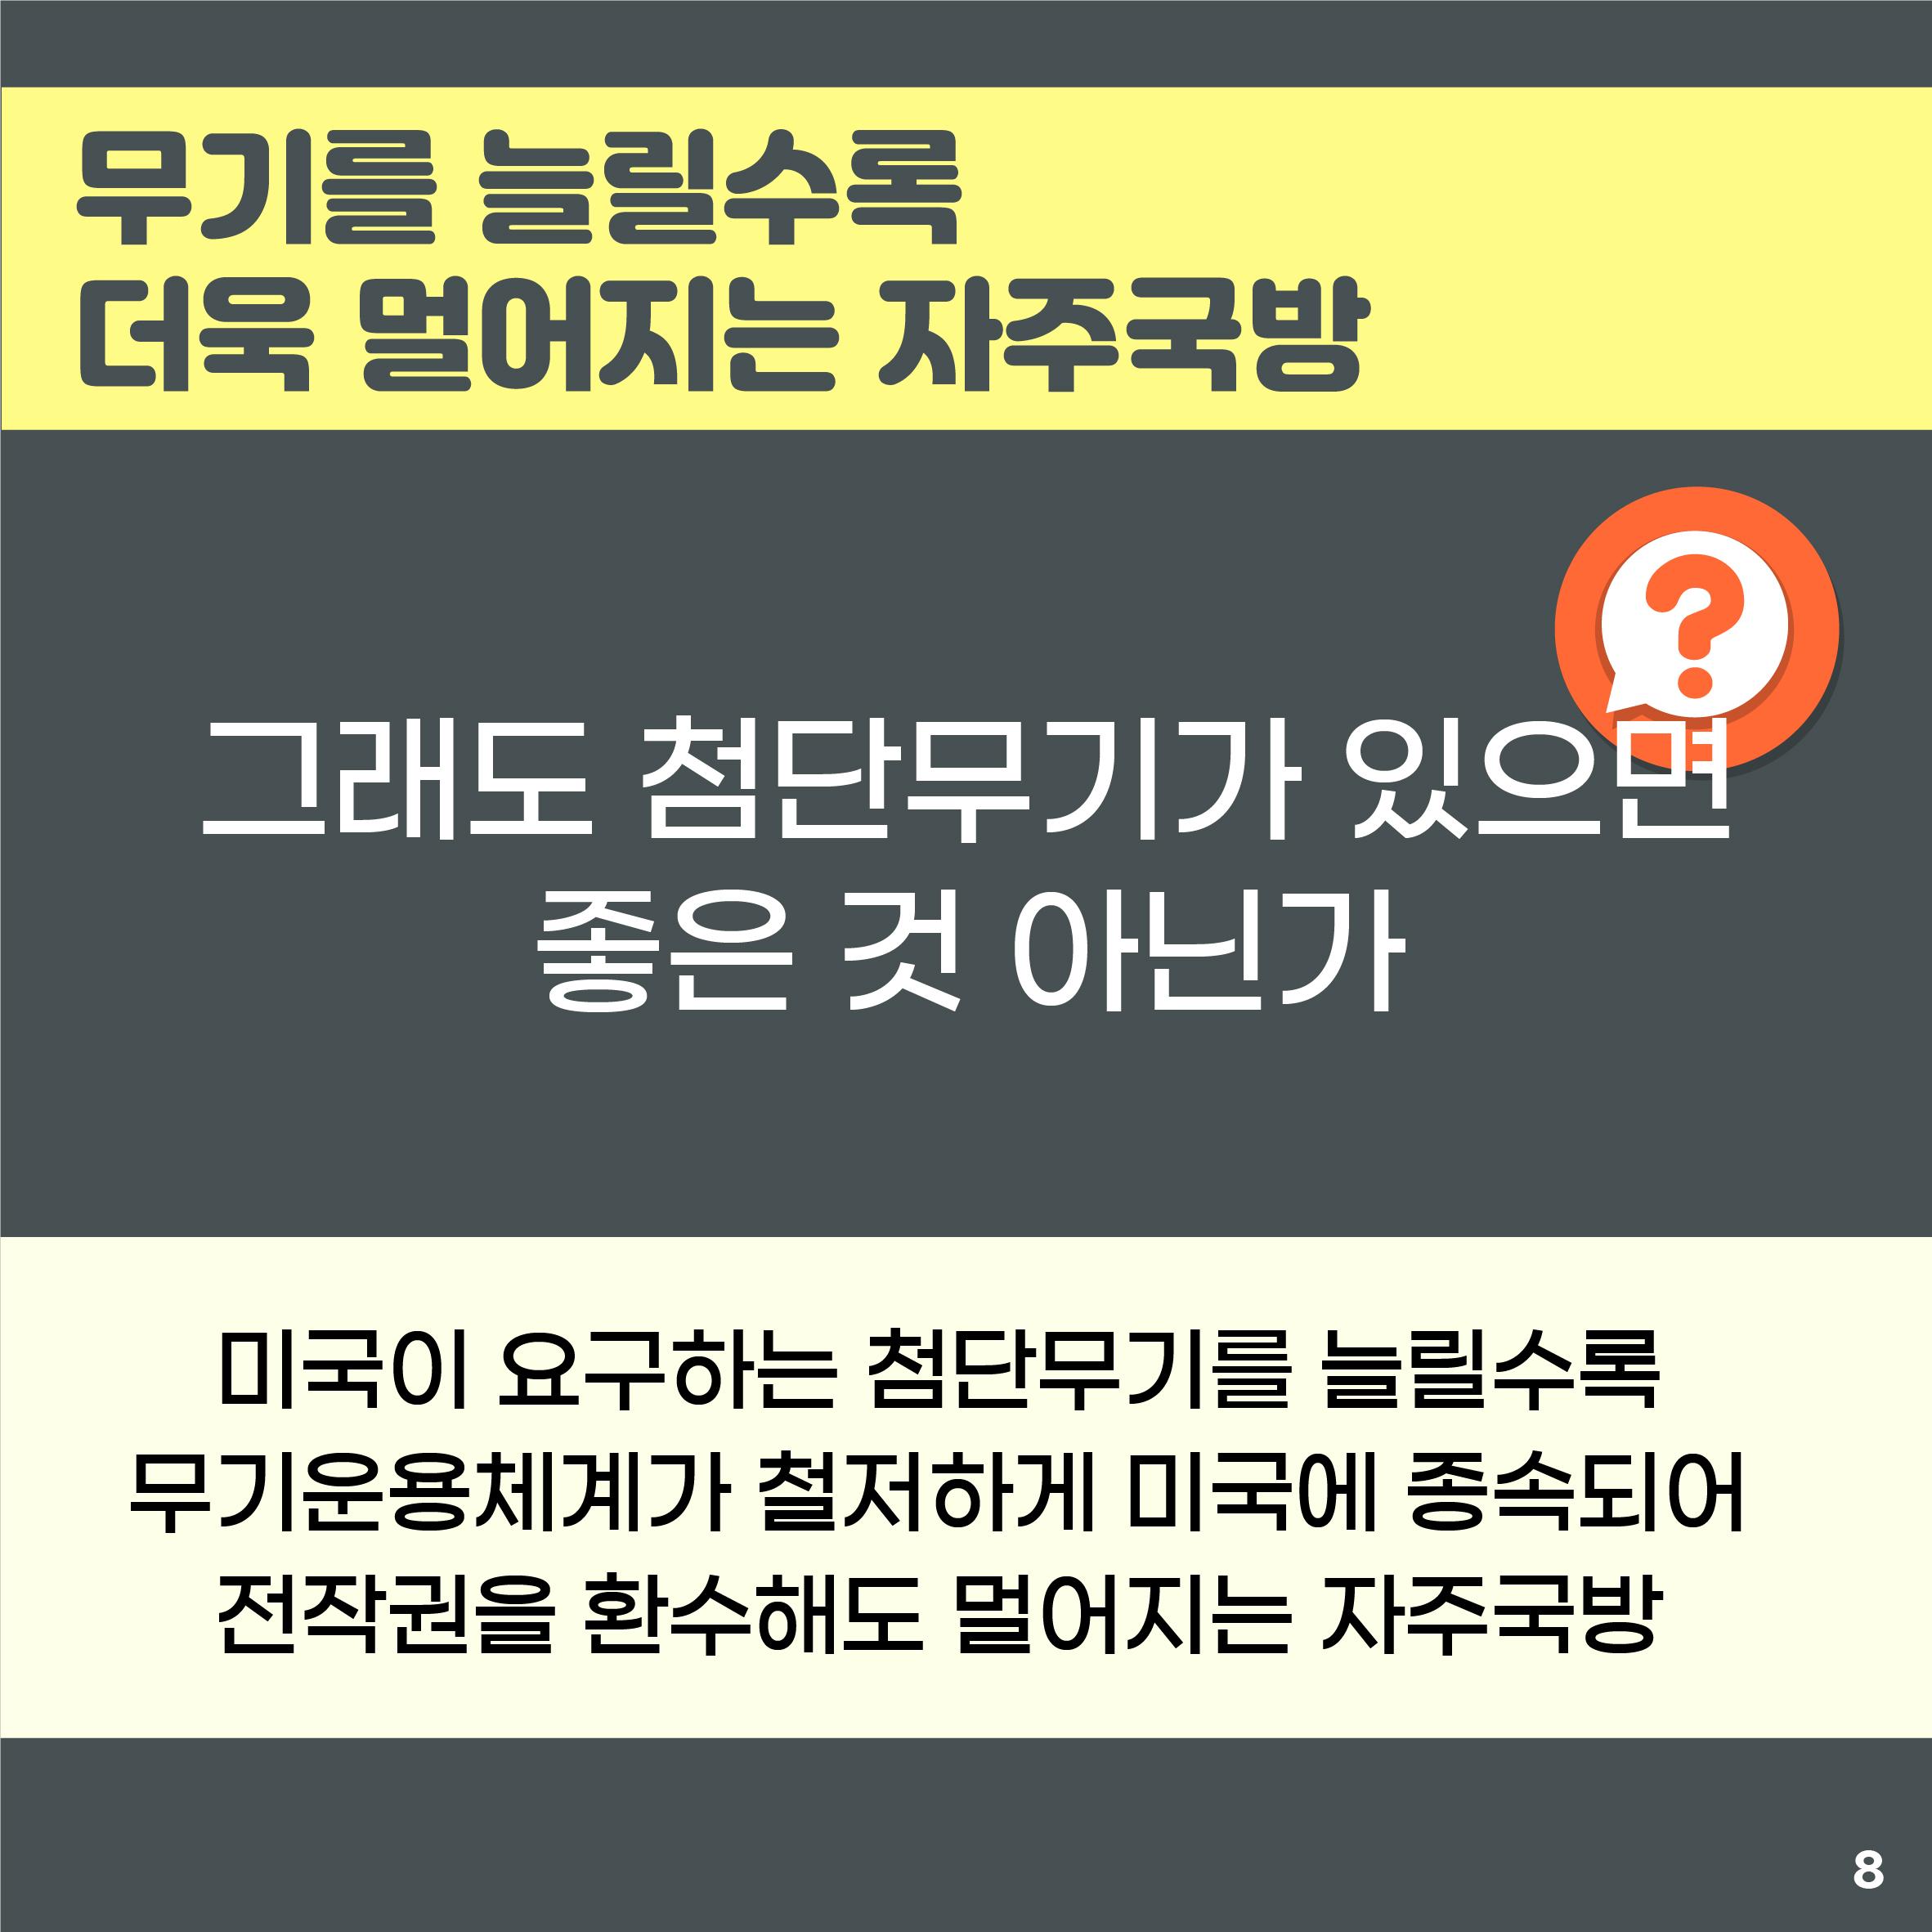 카드뉴스3_대지 1 사본 7.jpg